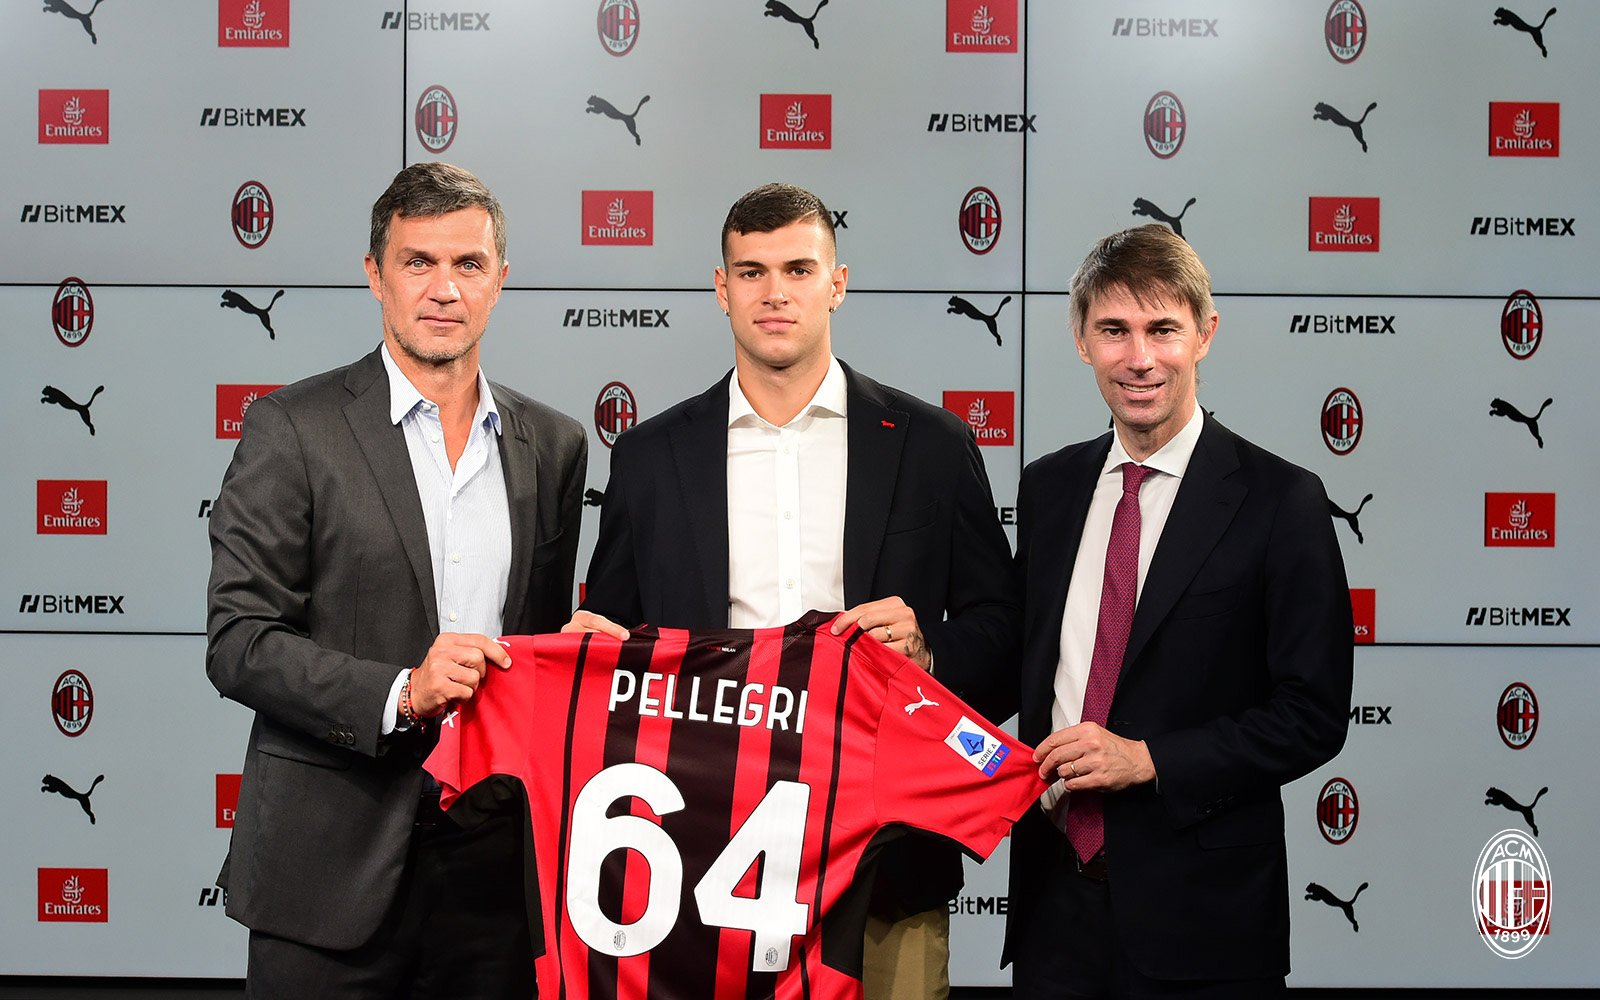 罗体:对阵威尼斯的比赛,米兰夏季签约佩莱格里可能迎来首秀